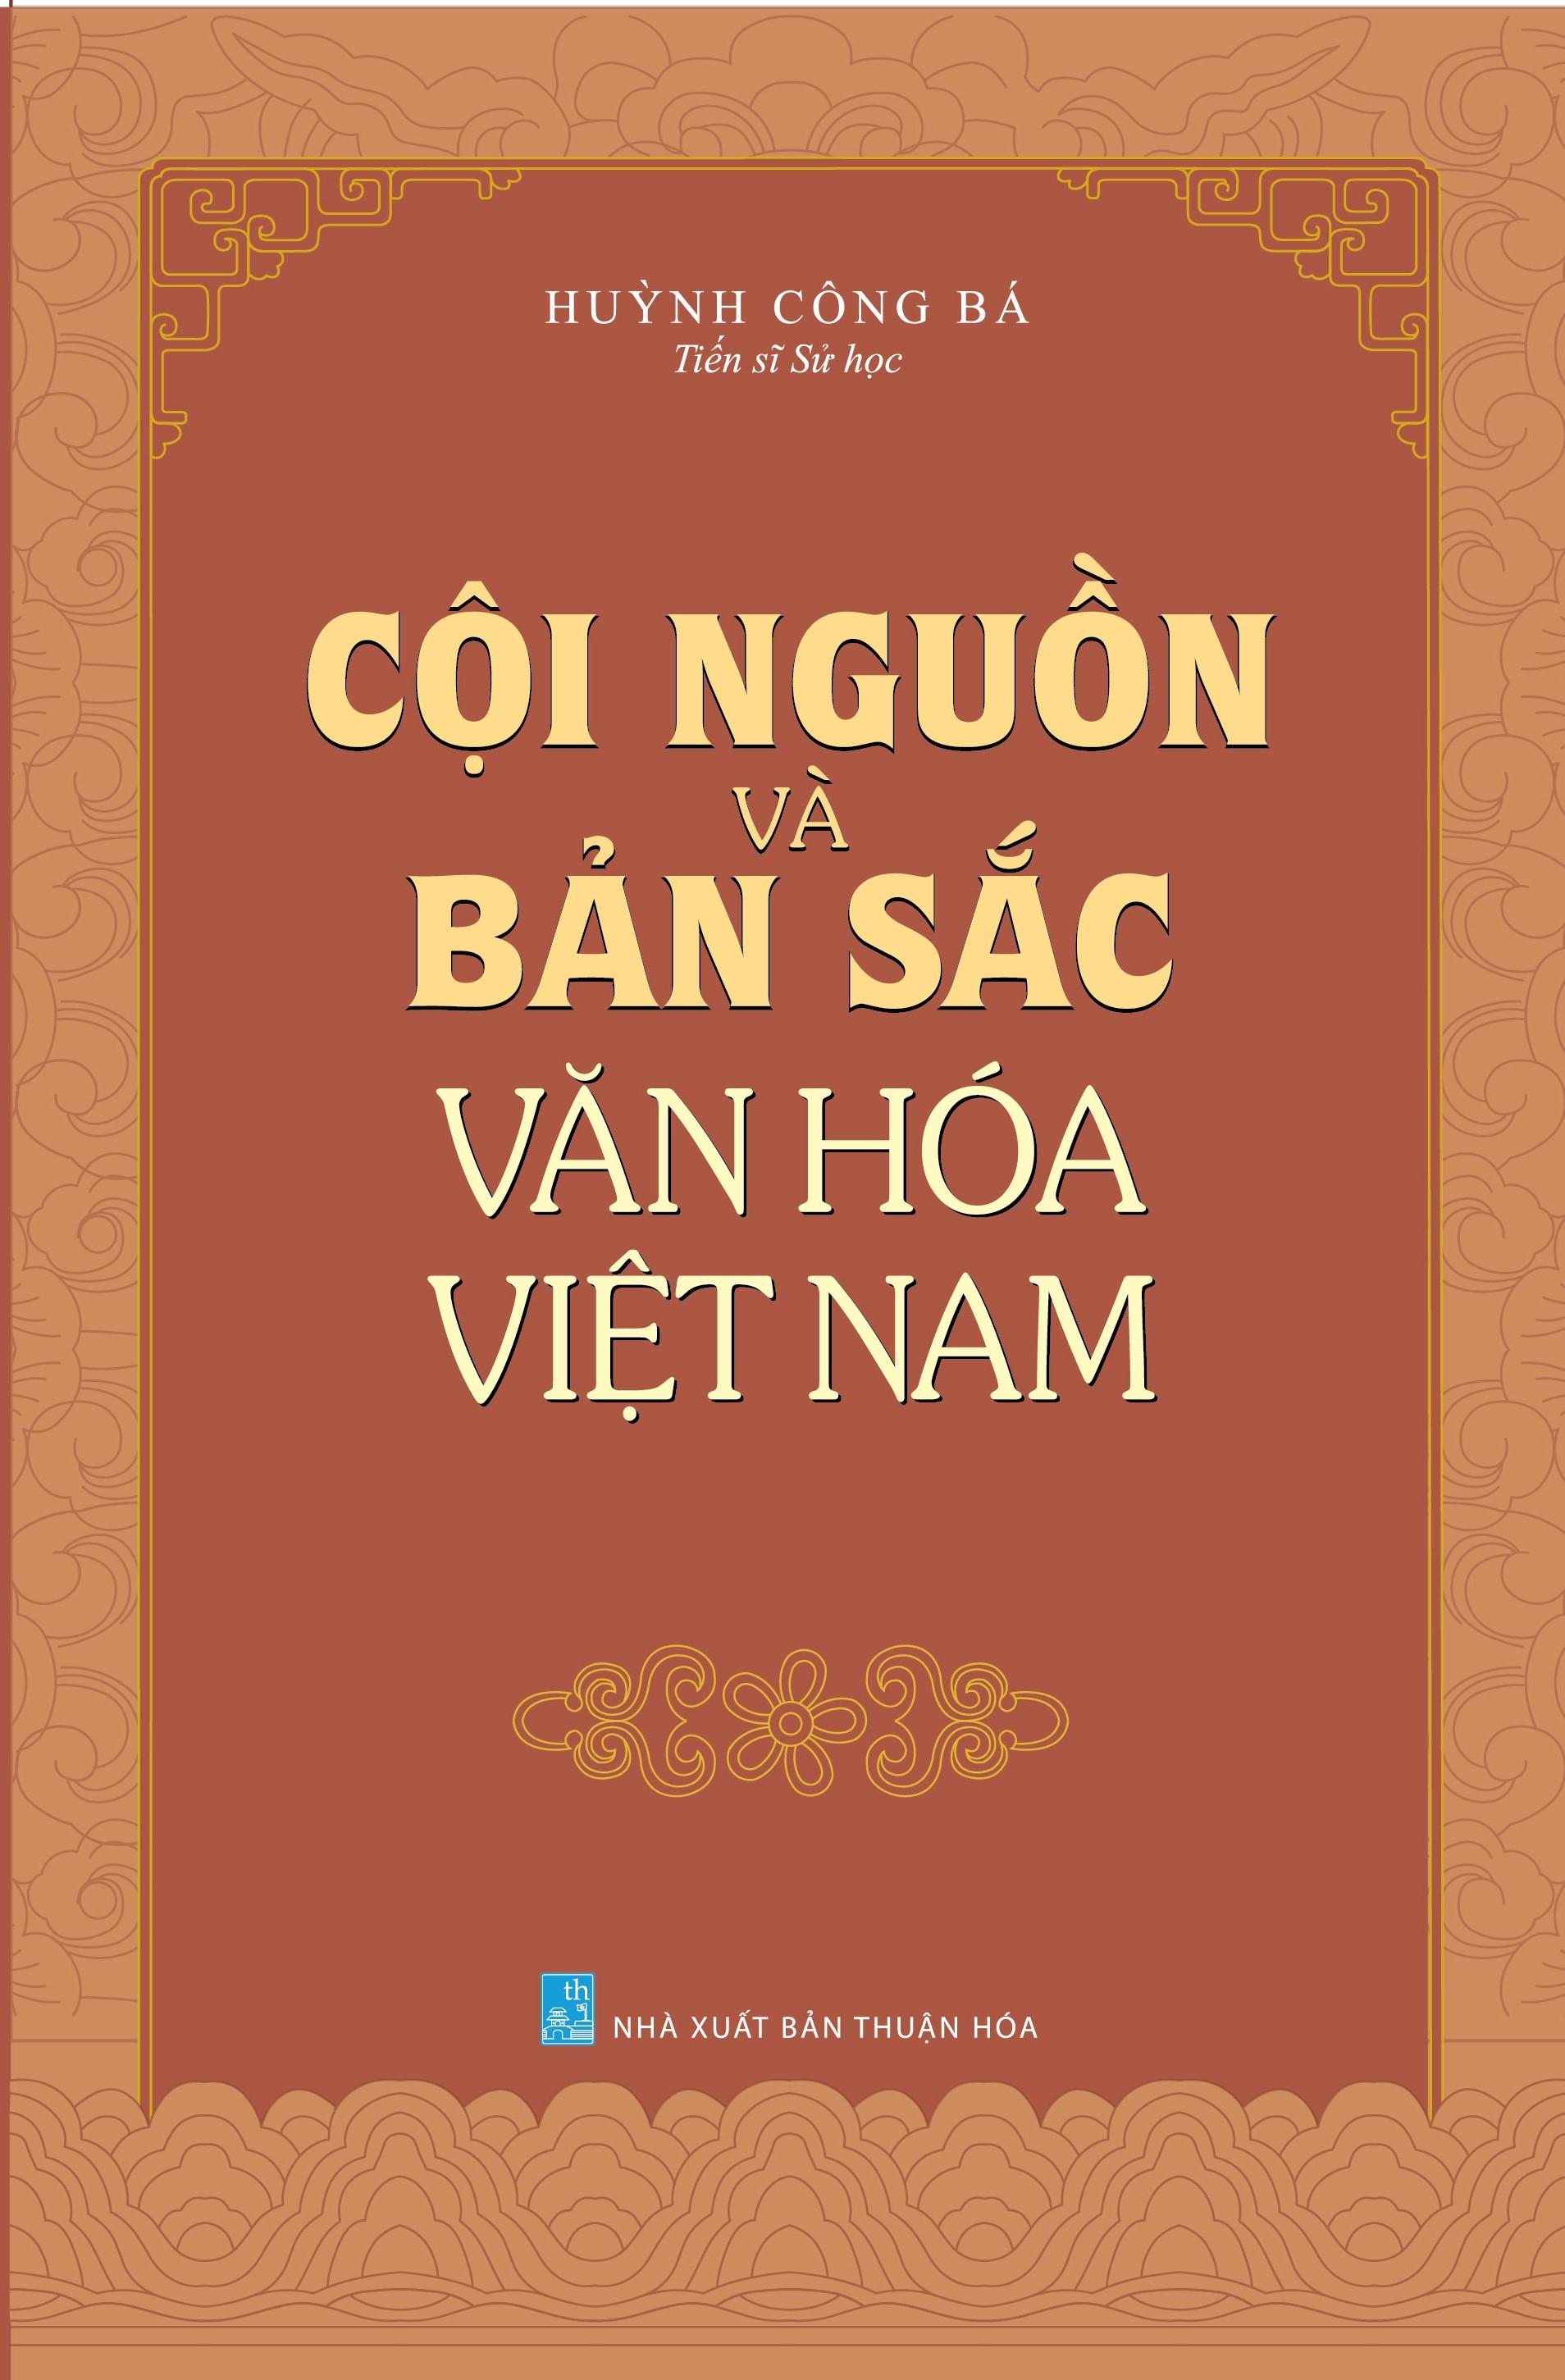 Cội Nguồn Và Bản Sắc Văn Hóa Việt Nam - Huỳnh Công Bá